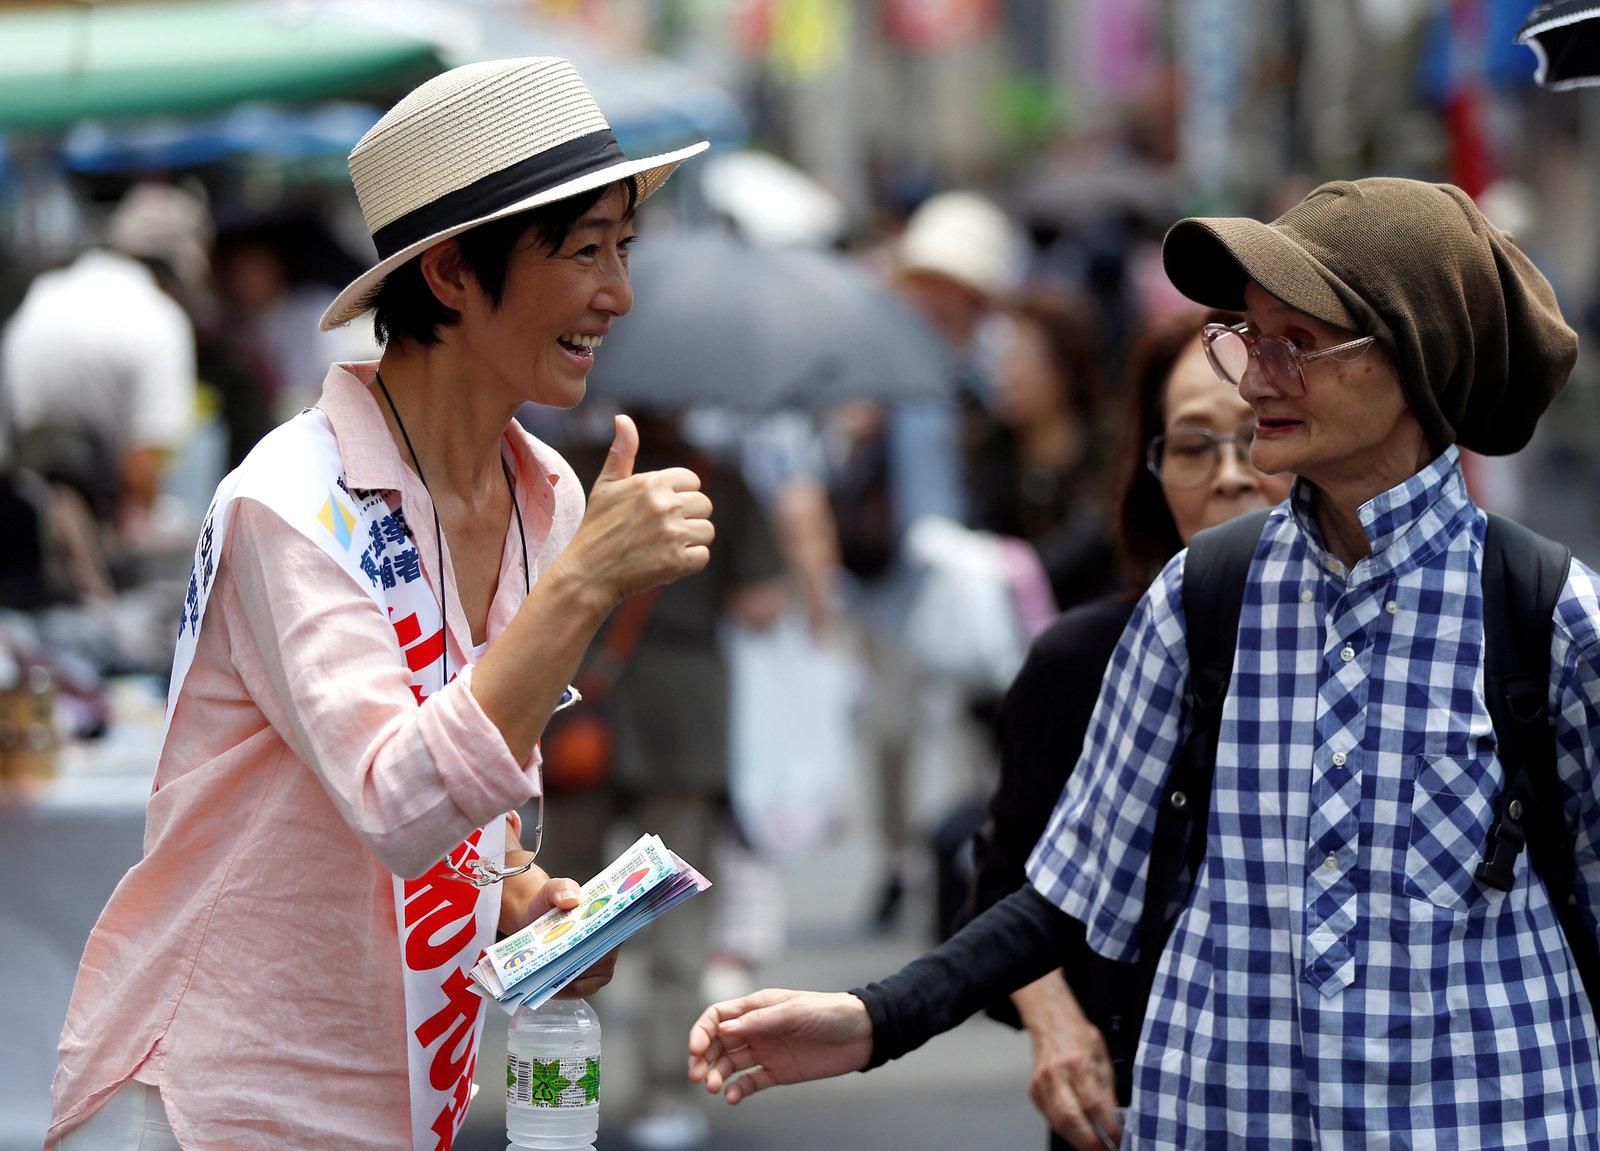 在日本,年長選民人多勢重,亦較積極投票,較受政治家重視,不少年輕人因而心灰意冷,冷待選舉。圖片來源:路透社